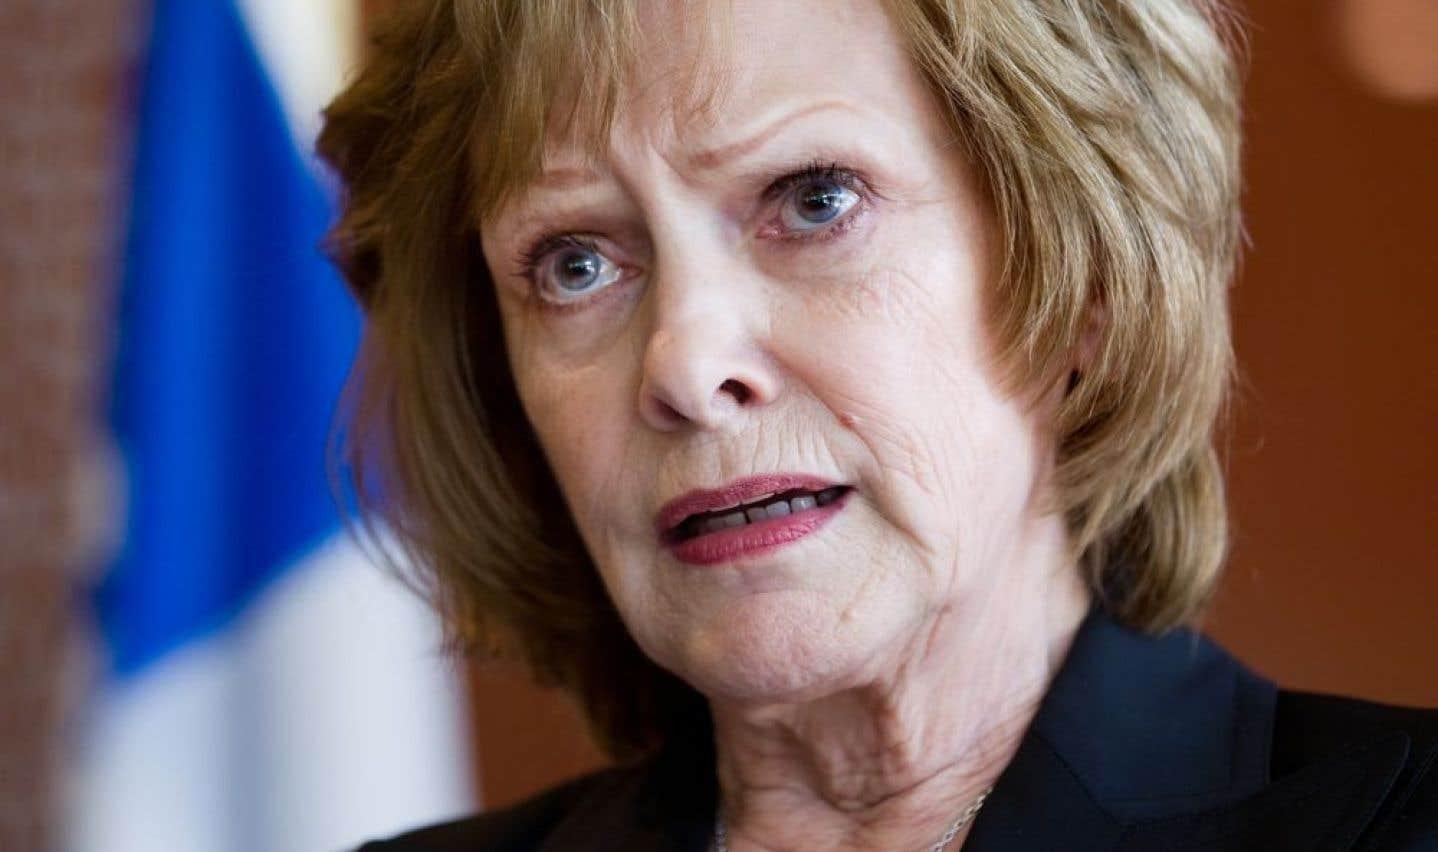 Élections municipales - Lisette Lapointe brigue la mairie de Saint-Adolphe-d'Howard